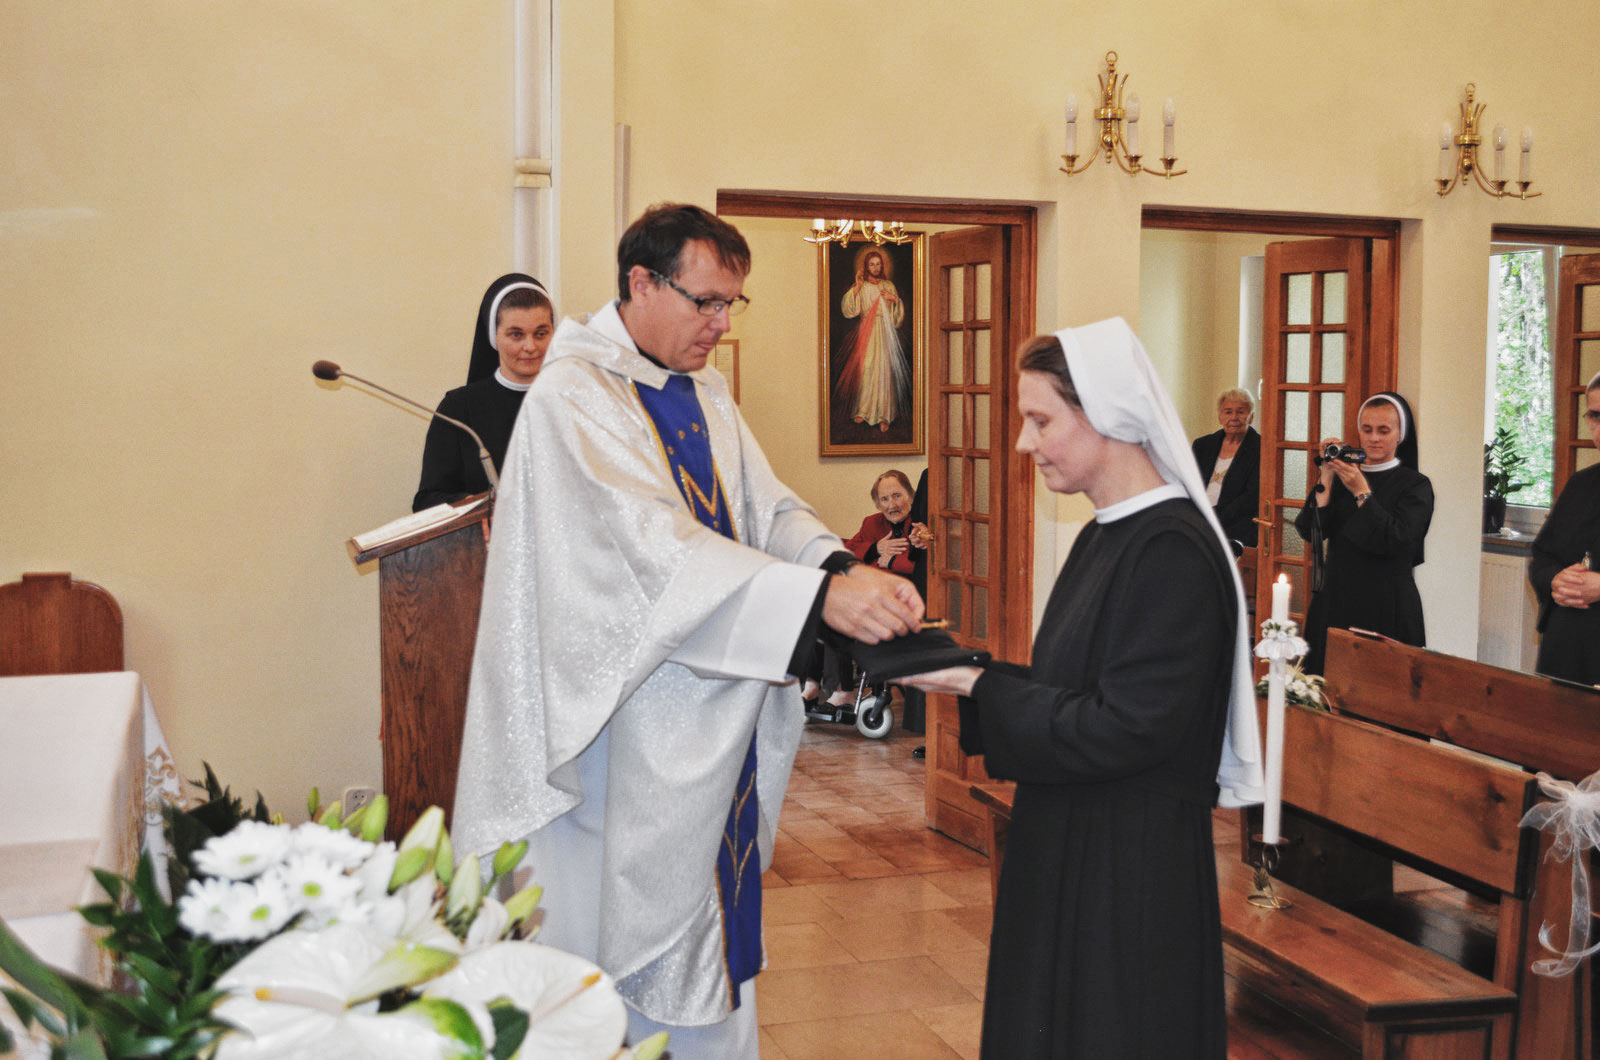 Sióstr_św_Elżbiety-Pierwsze_Śluby_fotorelacja-I-SLUBY-DSC_0568-min.jpg